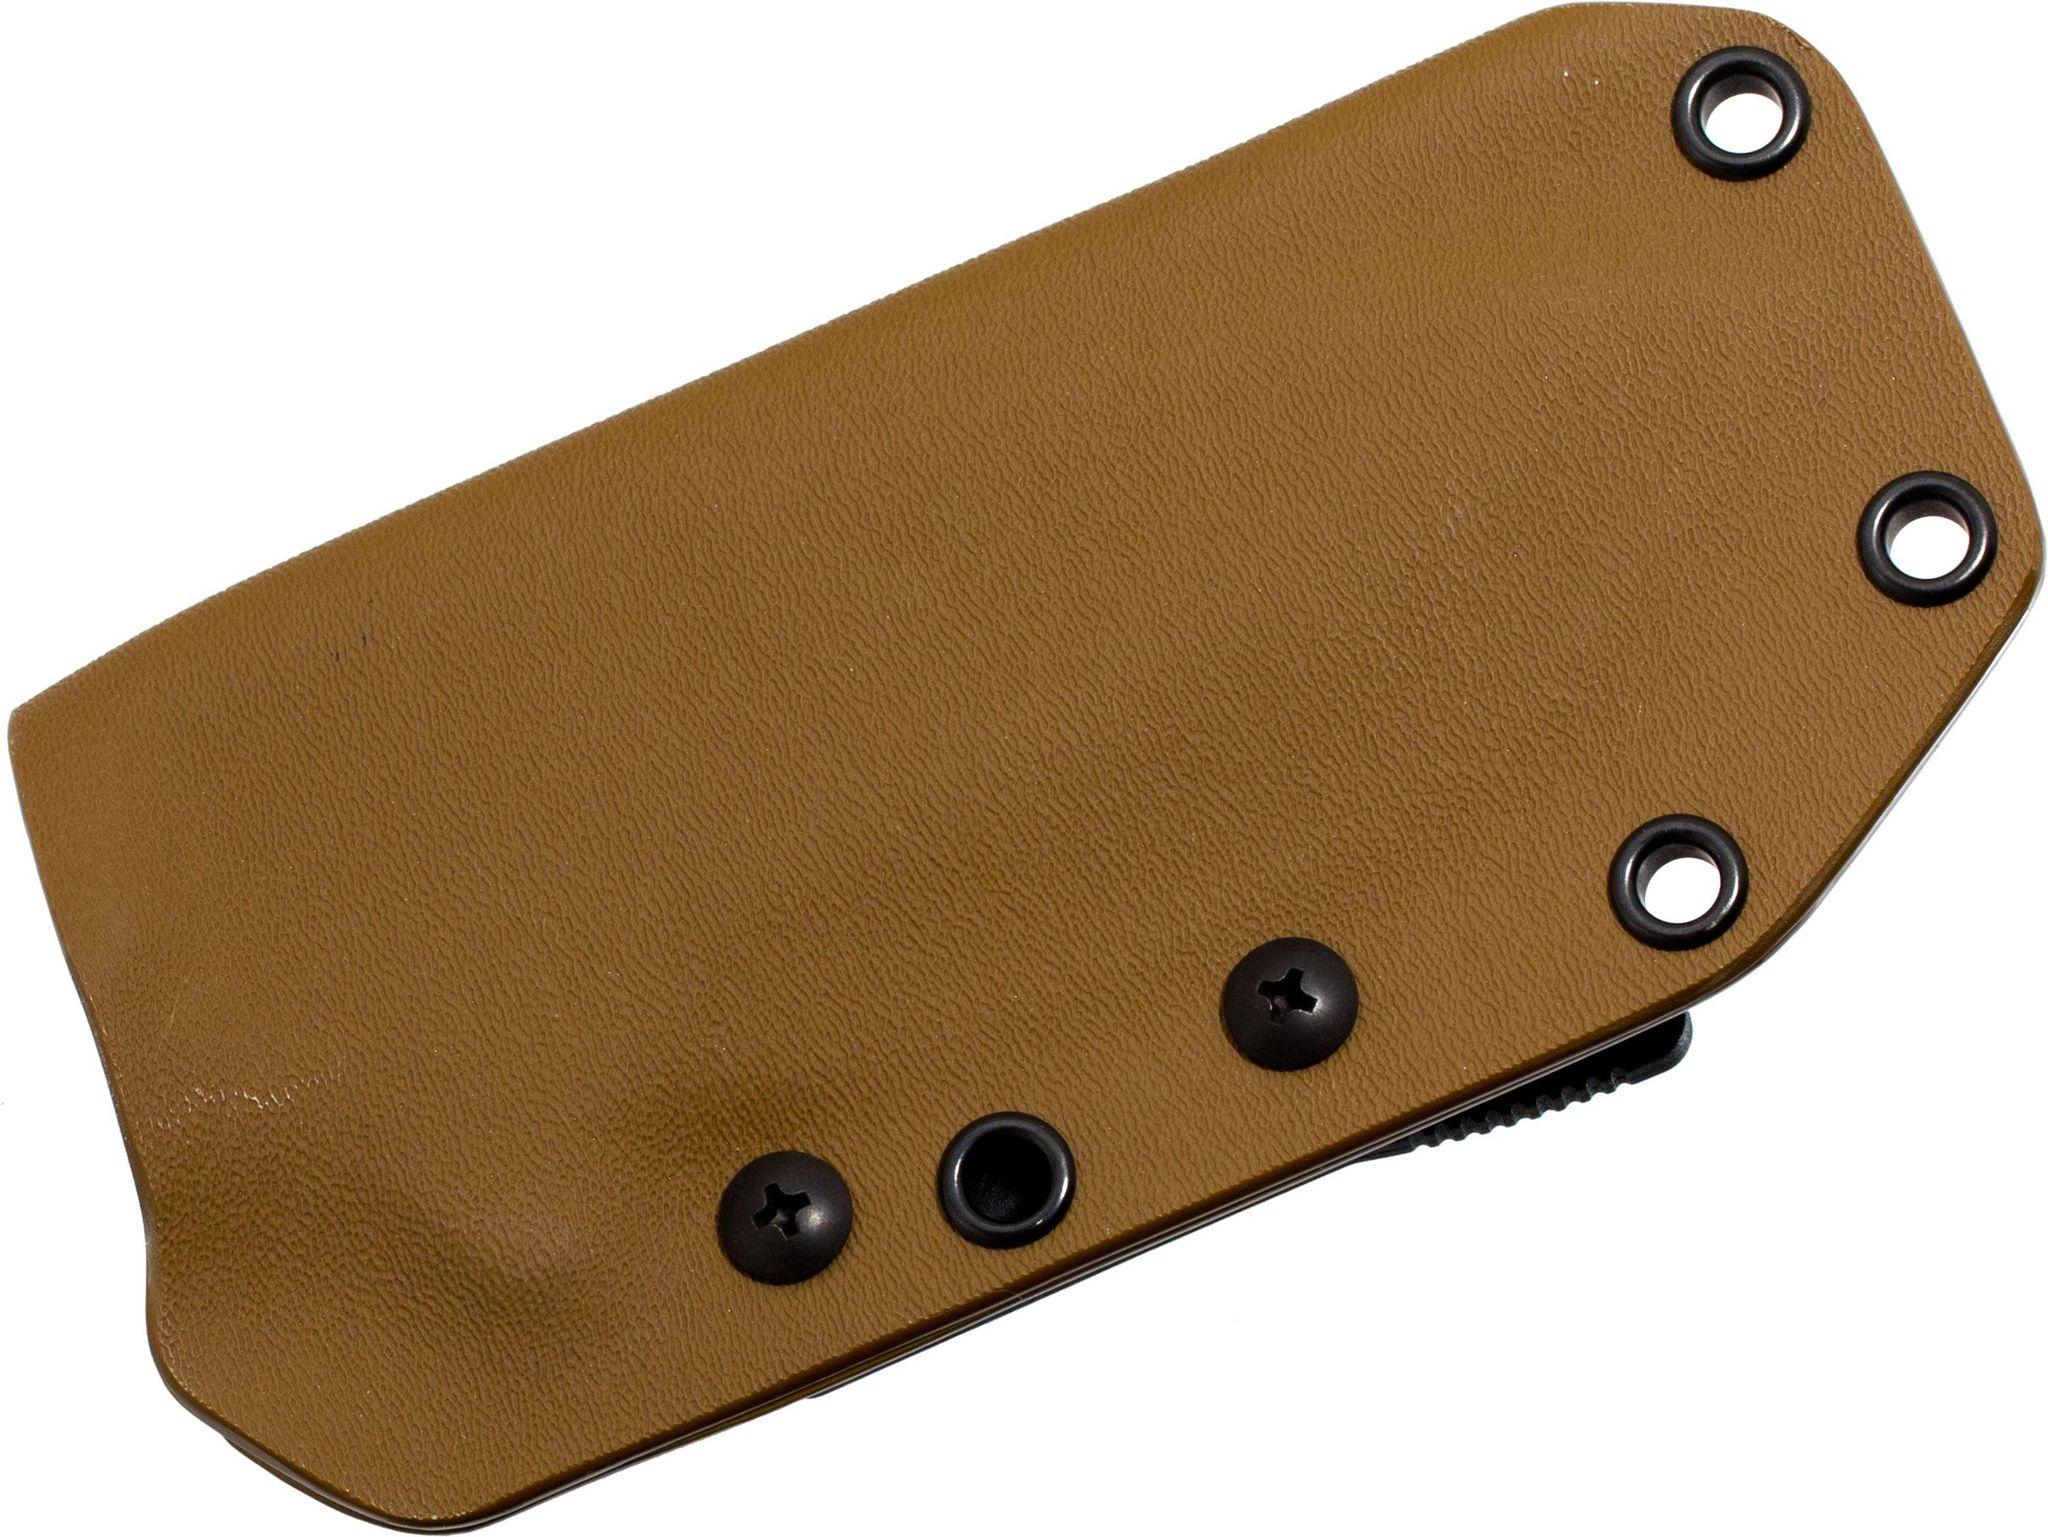 Фото 5 - Нож с фиксированным клинком Medford NAV-T, сталь D2 Black Oxide, рукоять паракорд, зеленый